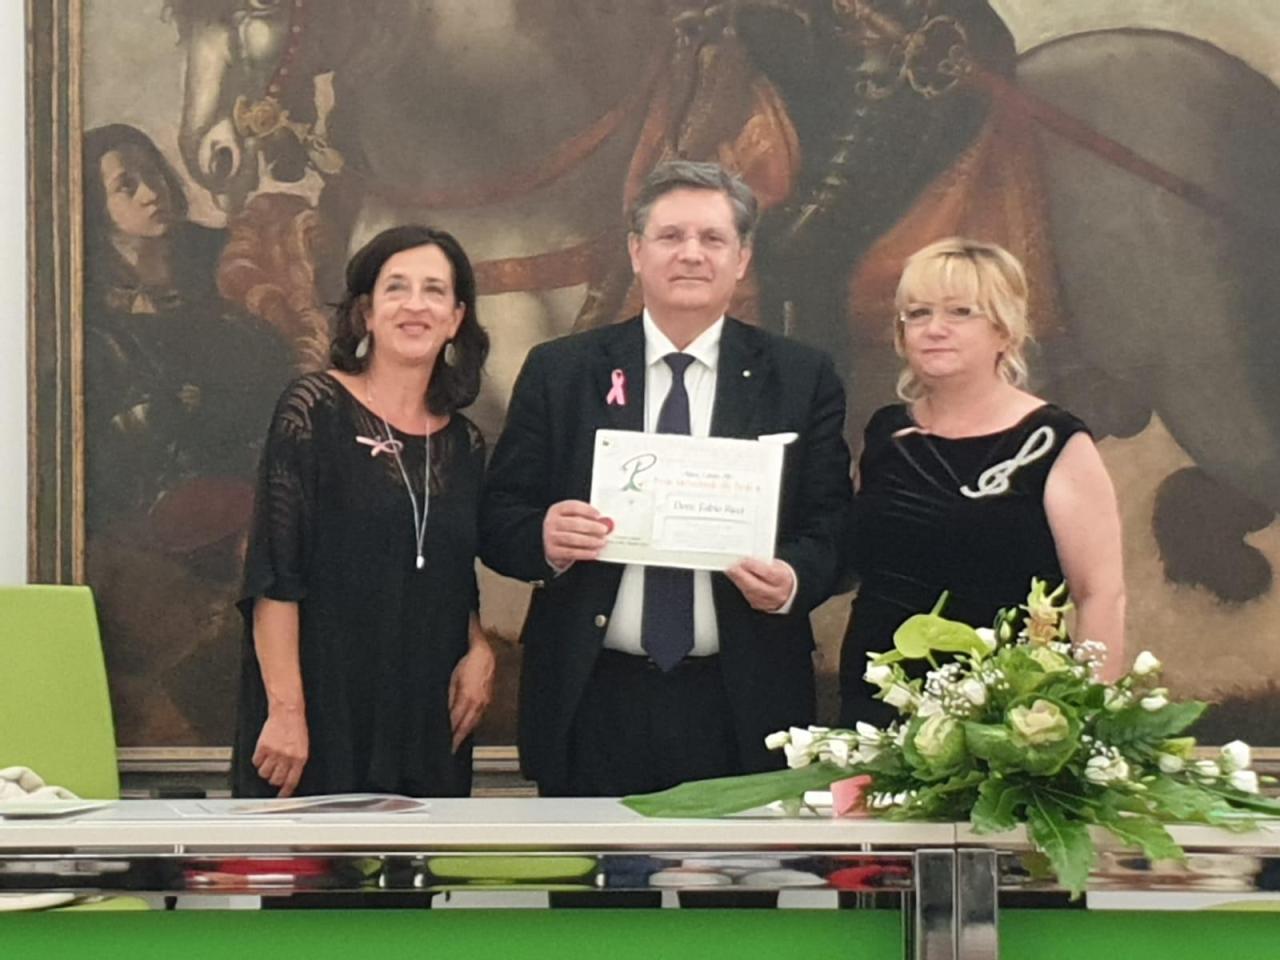 Il Prof. Fabio Ricci, senologo e direttore clinico della Breast Unit di Latina, tra i premiati della seconda edizione del Premio Internazionale allaParola